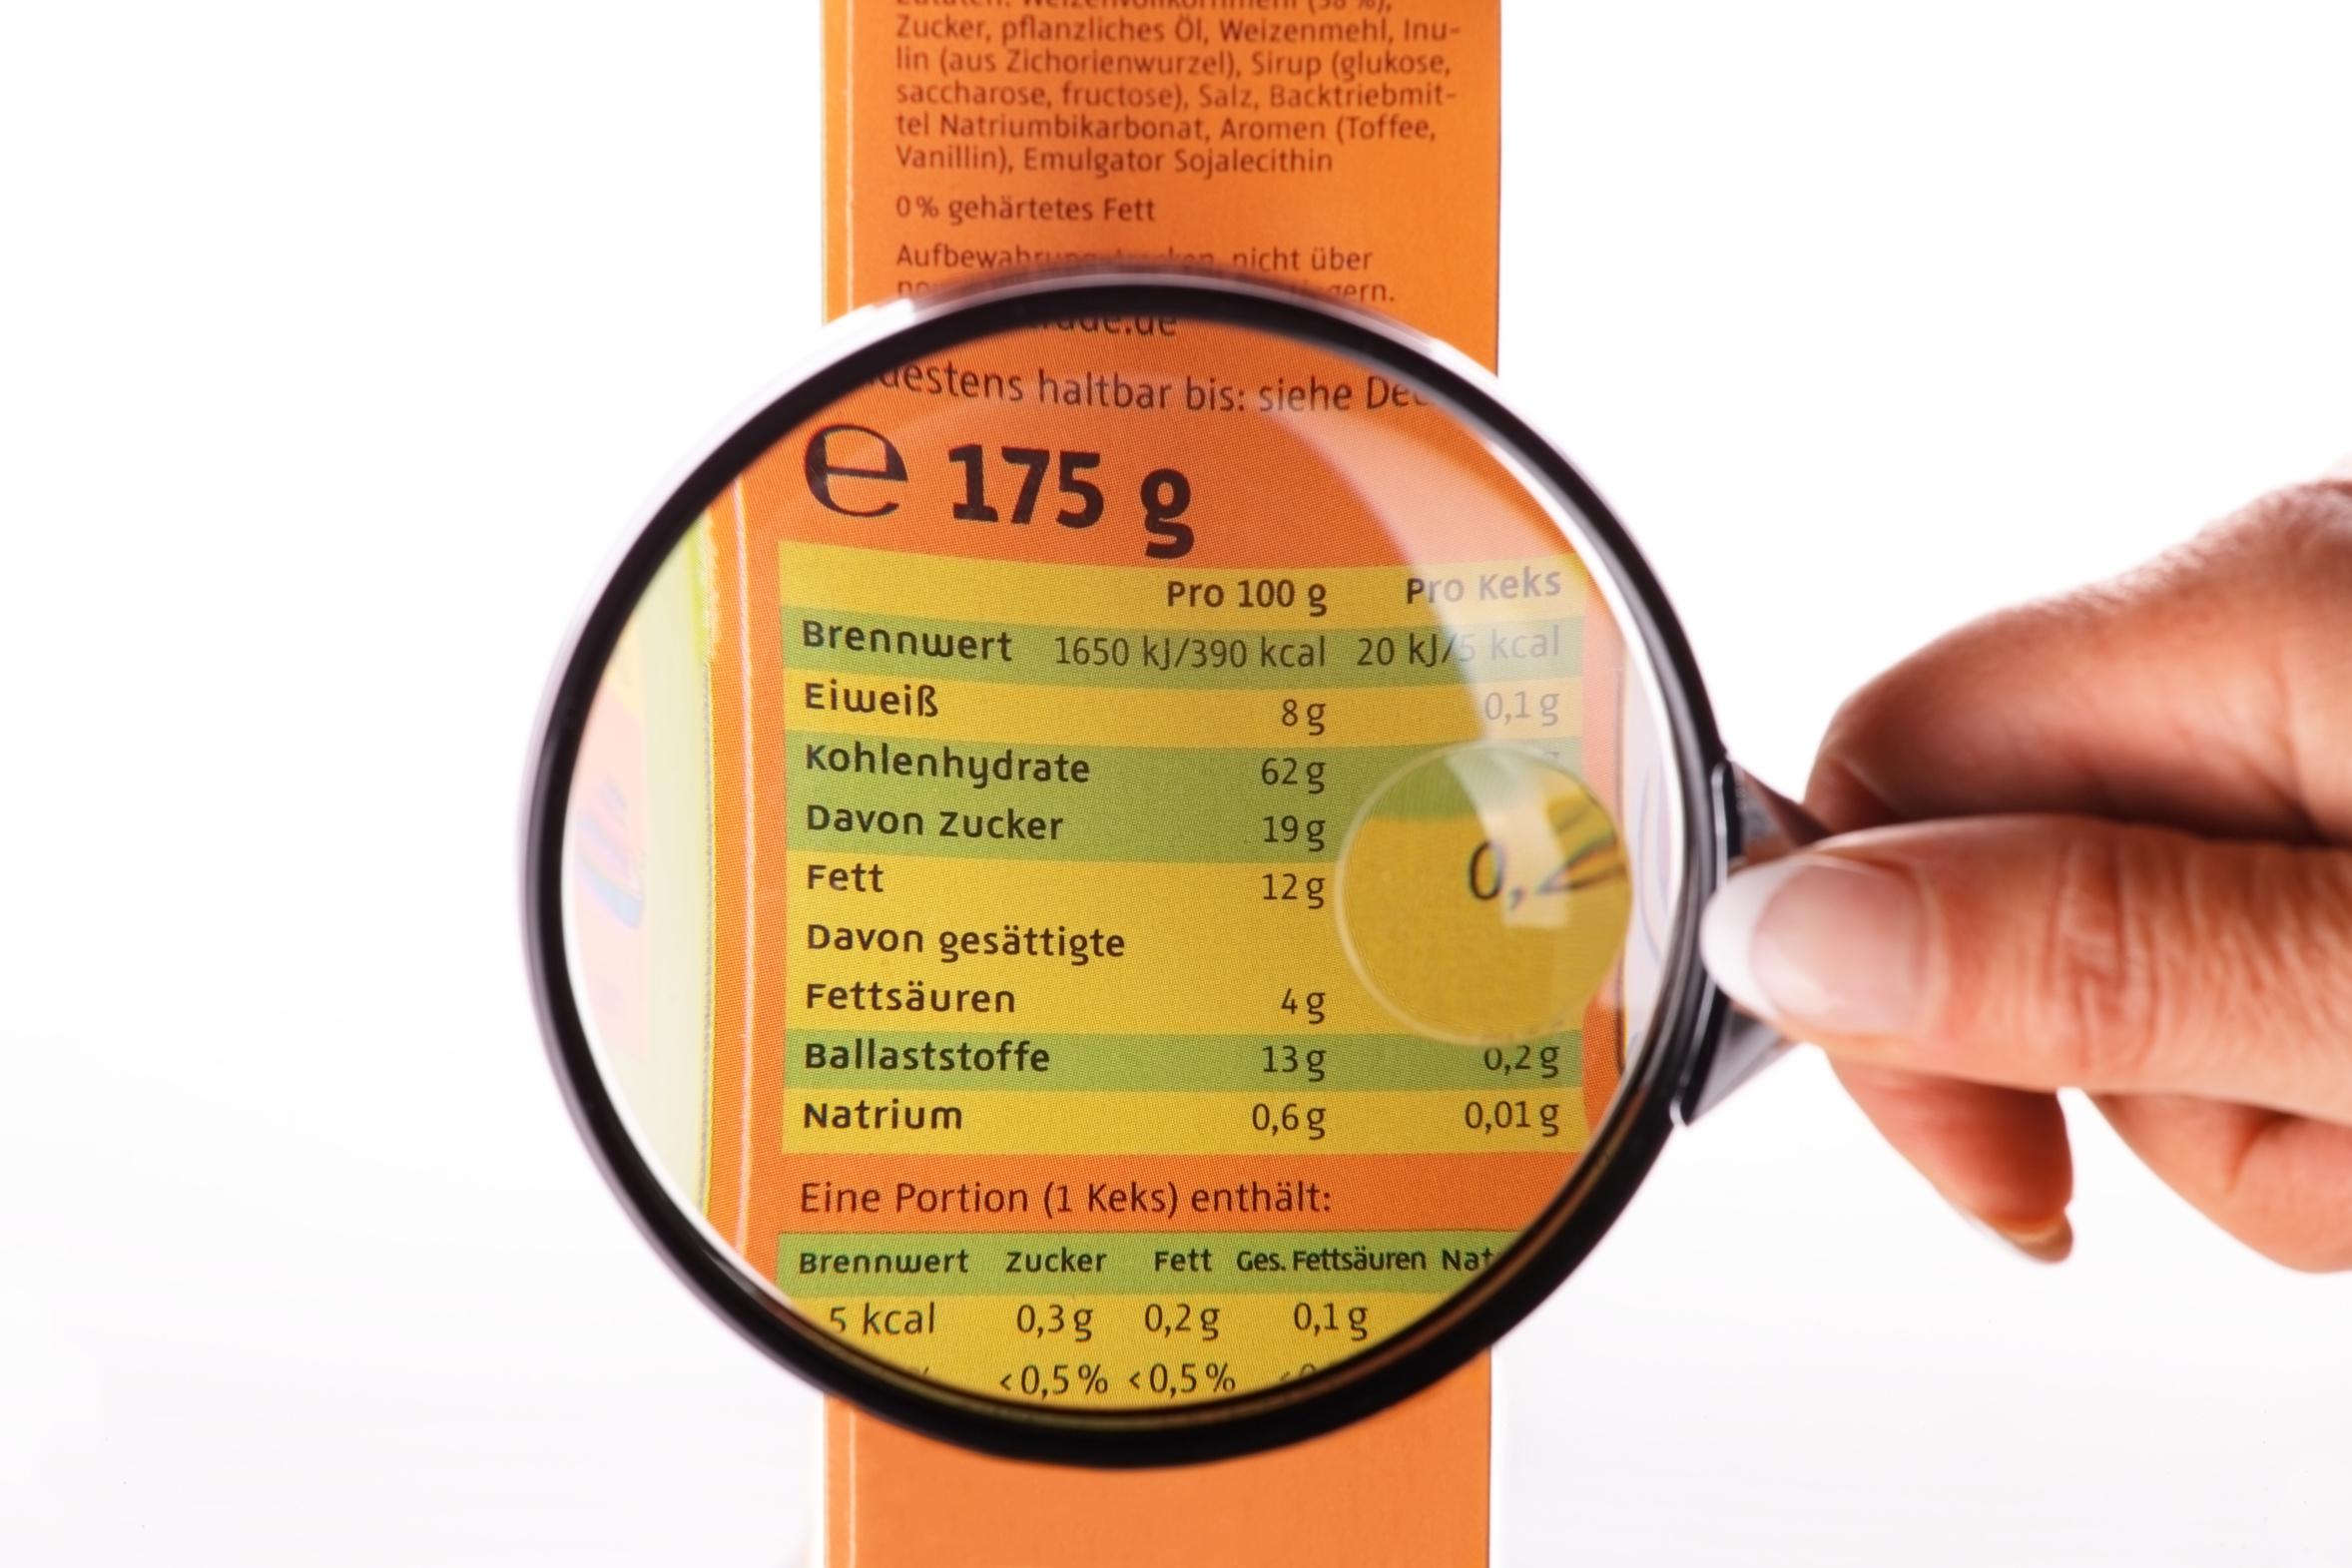 Neues Lebensmittel-Kennzeichnungsrecht